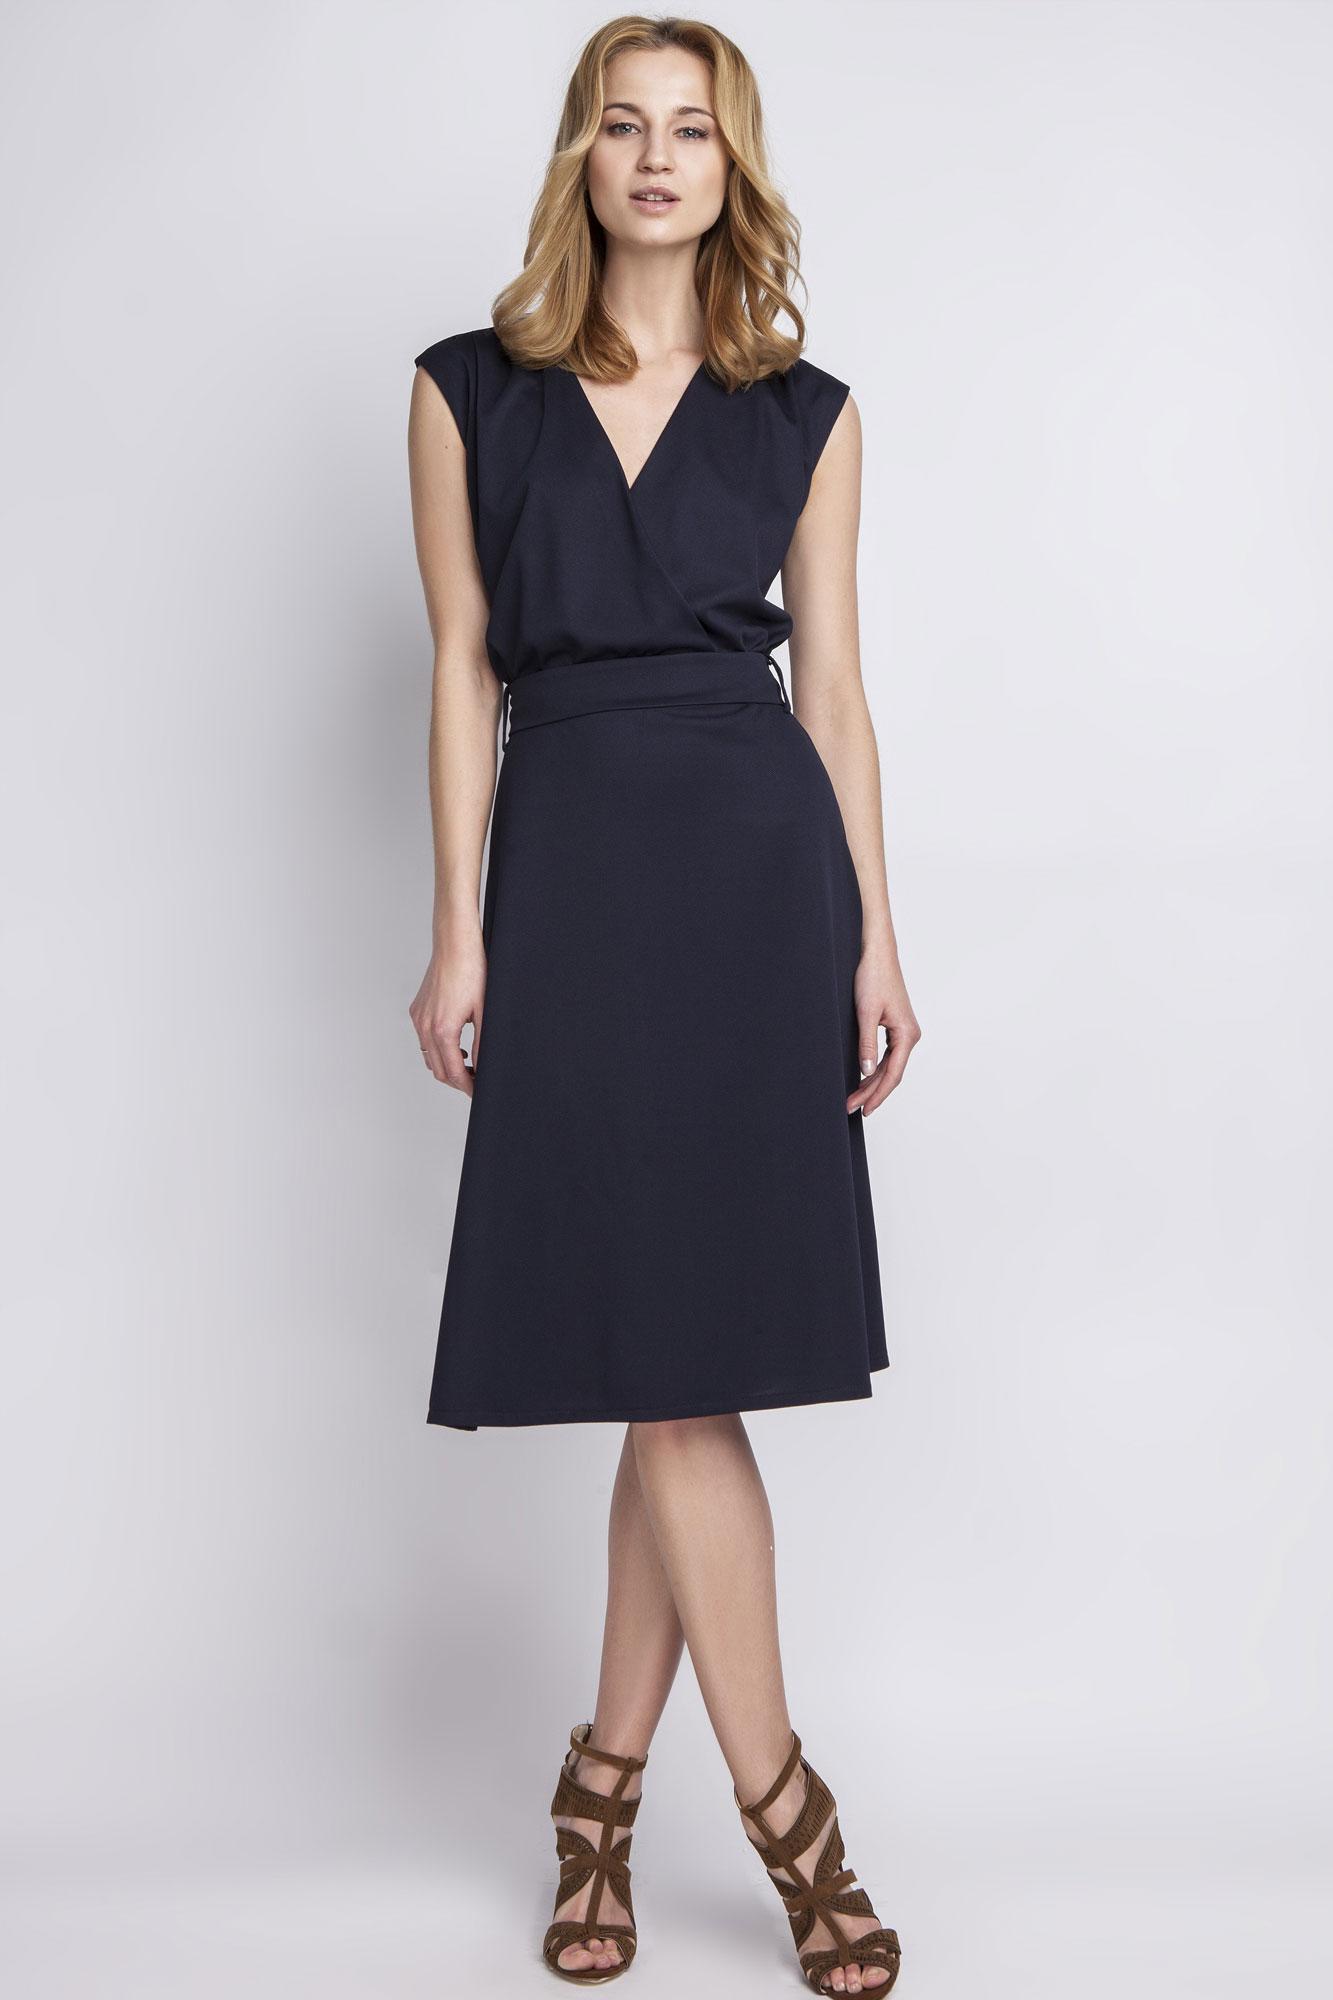 Quelle couleur de chaussures porter avec une robe bleu marine les conseils mode pinterest - Avec quoi porter une robe bleu marine ...